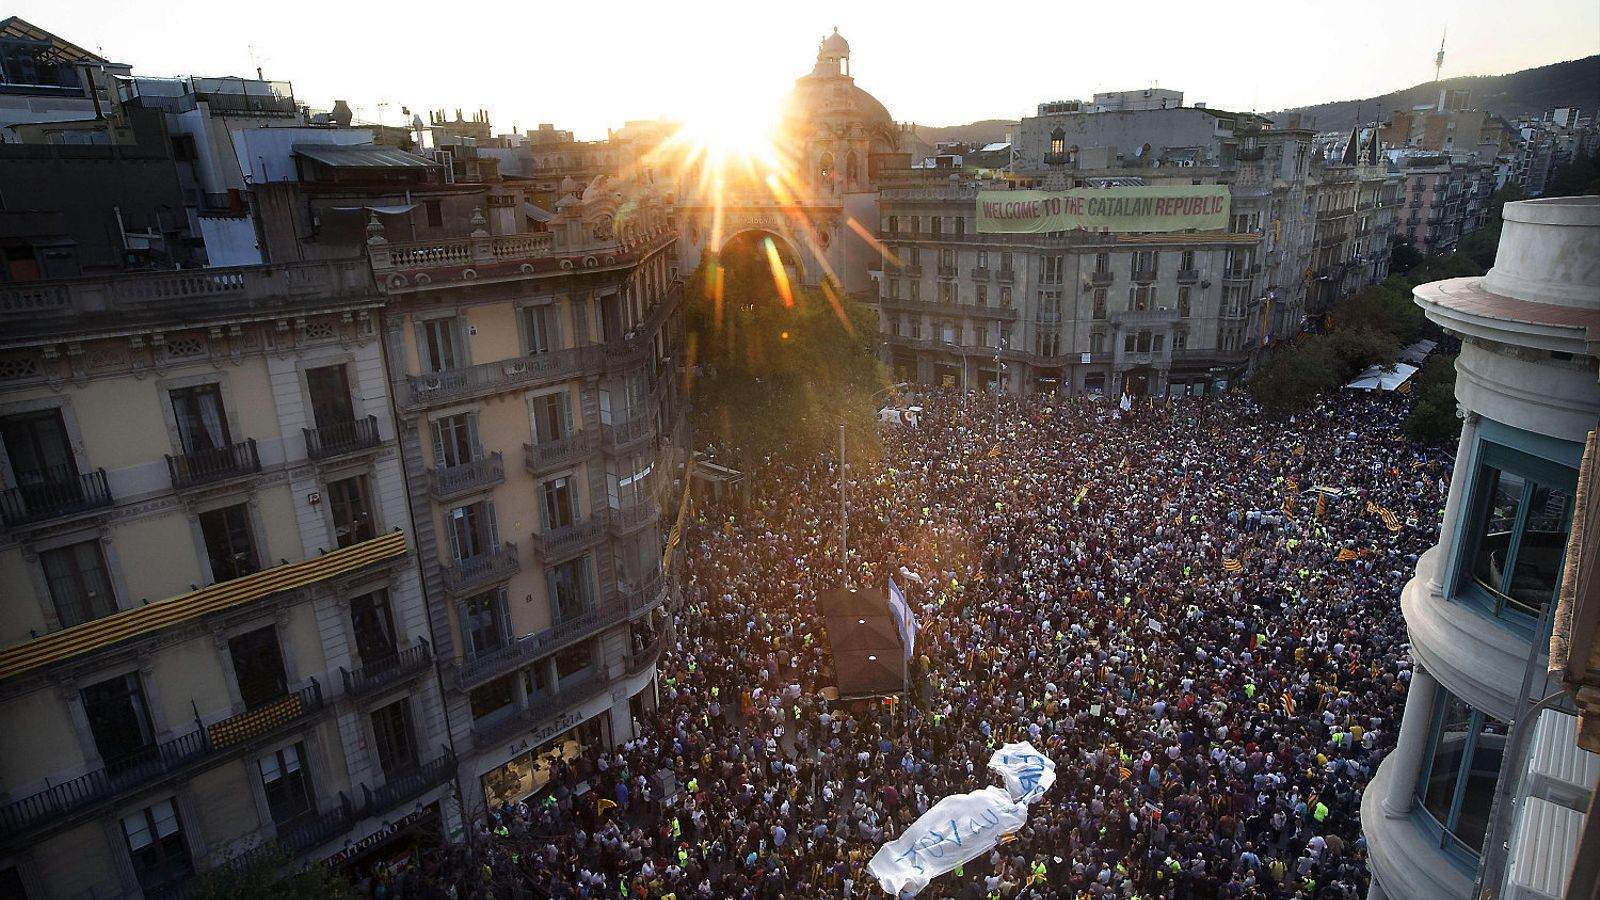 Milers de ciutadans van concentrar-se davant la seu del departament d'Economia durant tot el 20 de setembre de 2017 per protestar contra l'operatiu policial contra l'1-O. / ALEJANDRO GARCÍA / EFE